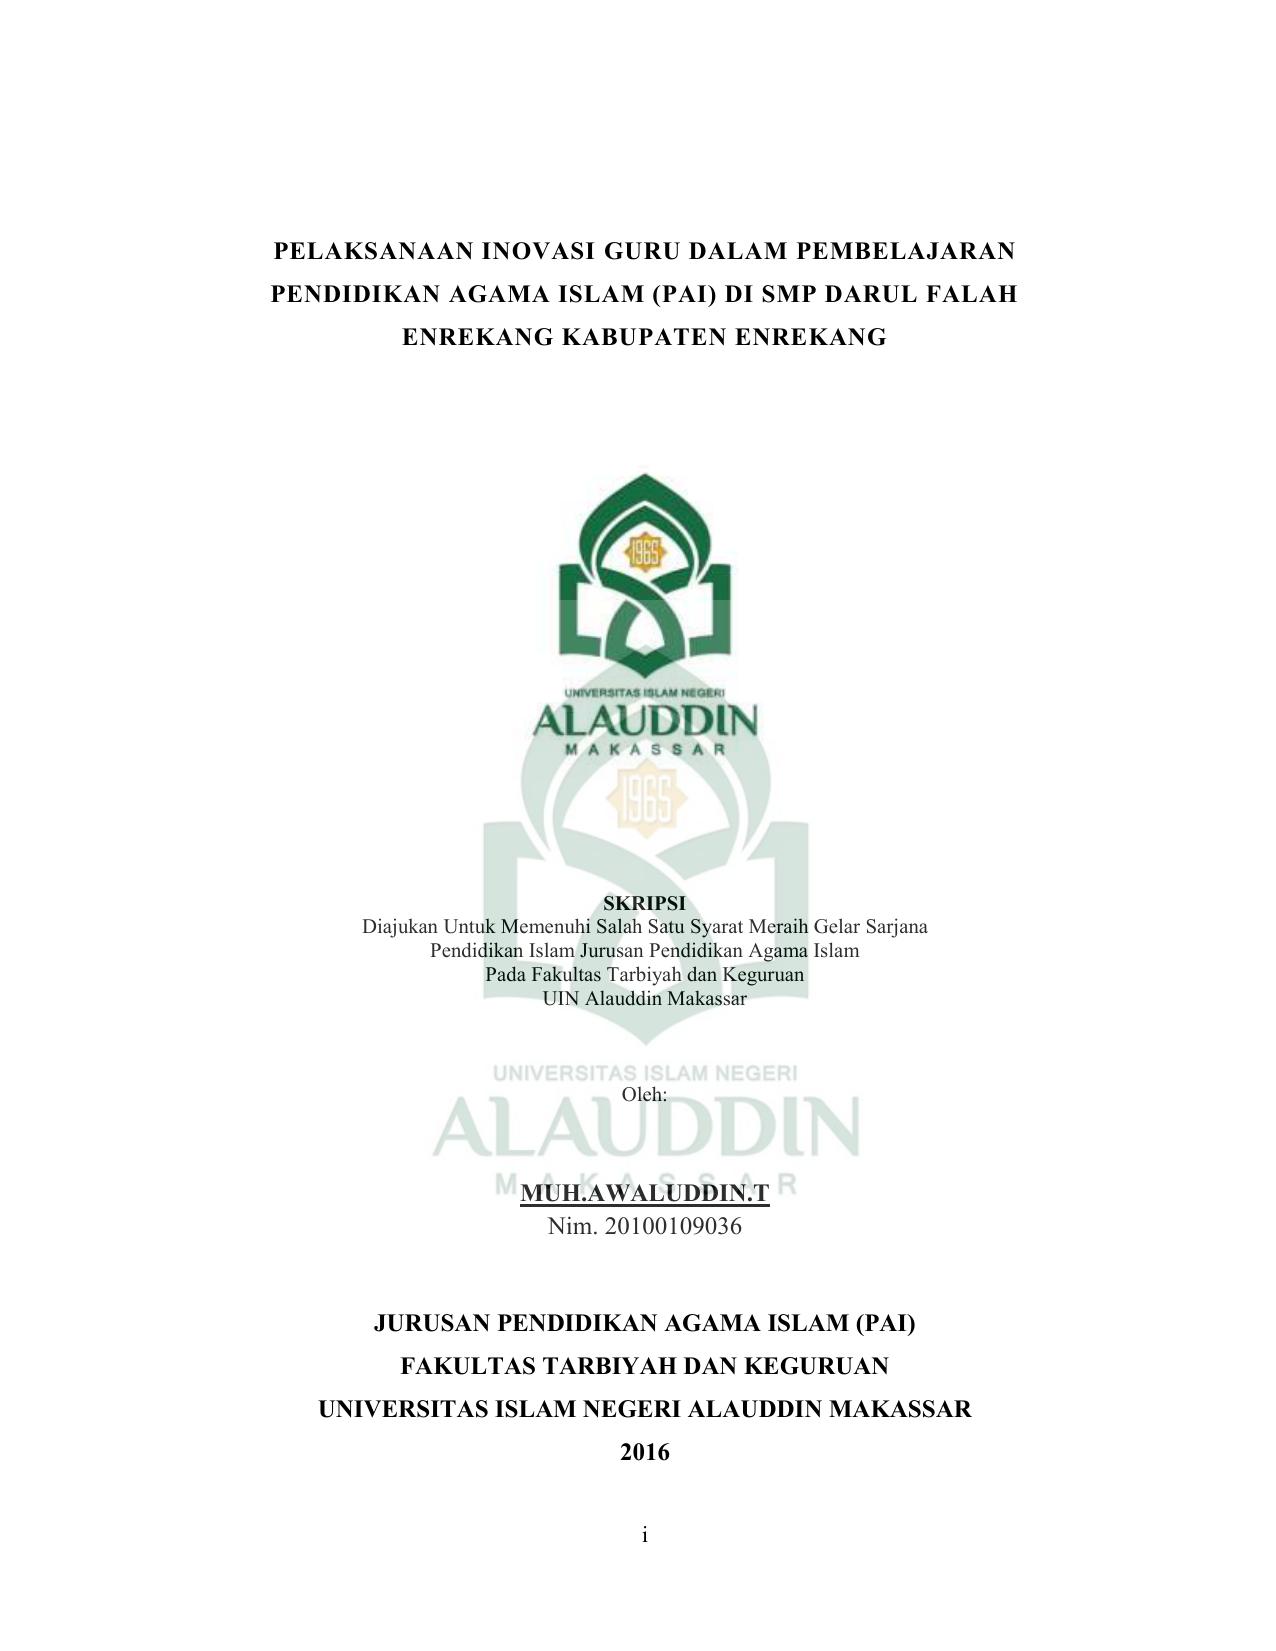 Contoh Sampul Makalah Uin Alauddin Makassar Barisan Contoh